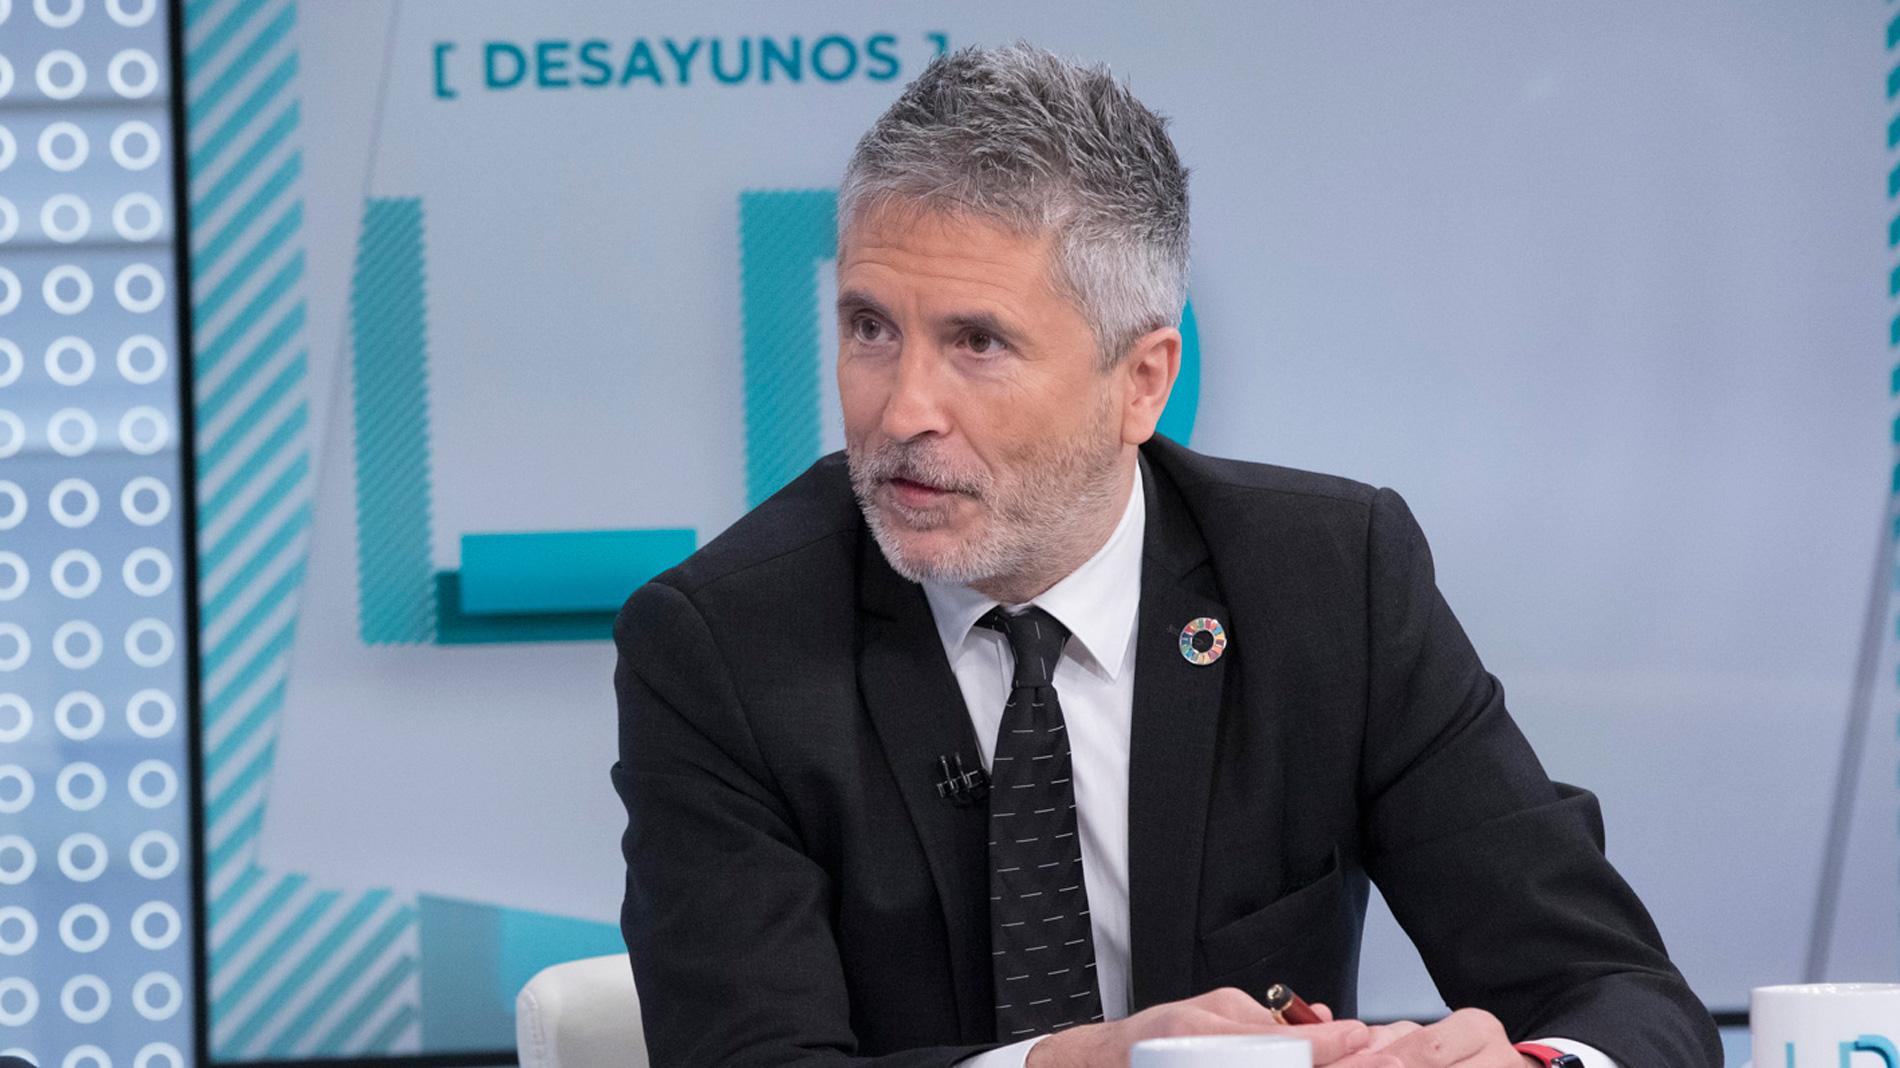 """Grande-Marlaska afirma tener """"un compromiso de lealtad"""" con el proyecto de Sánchez"""